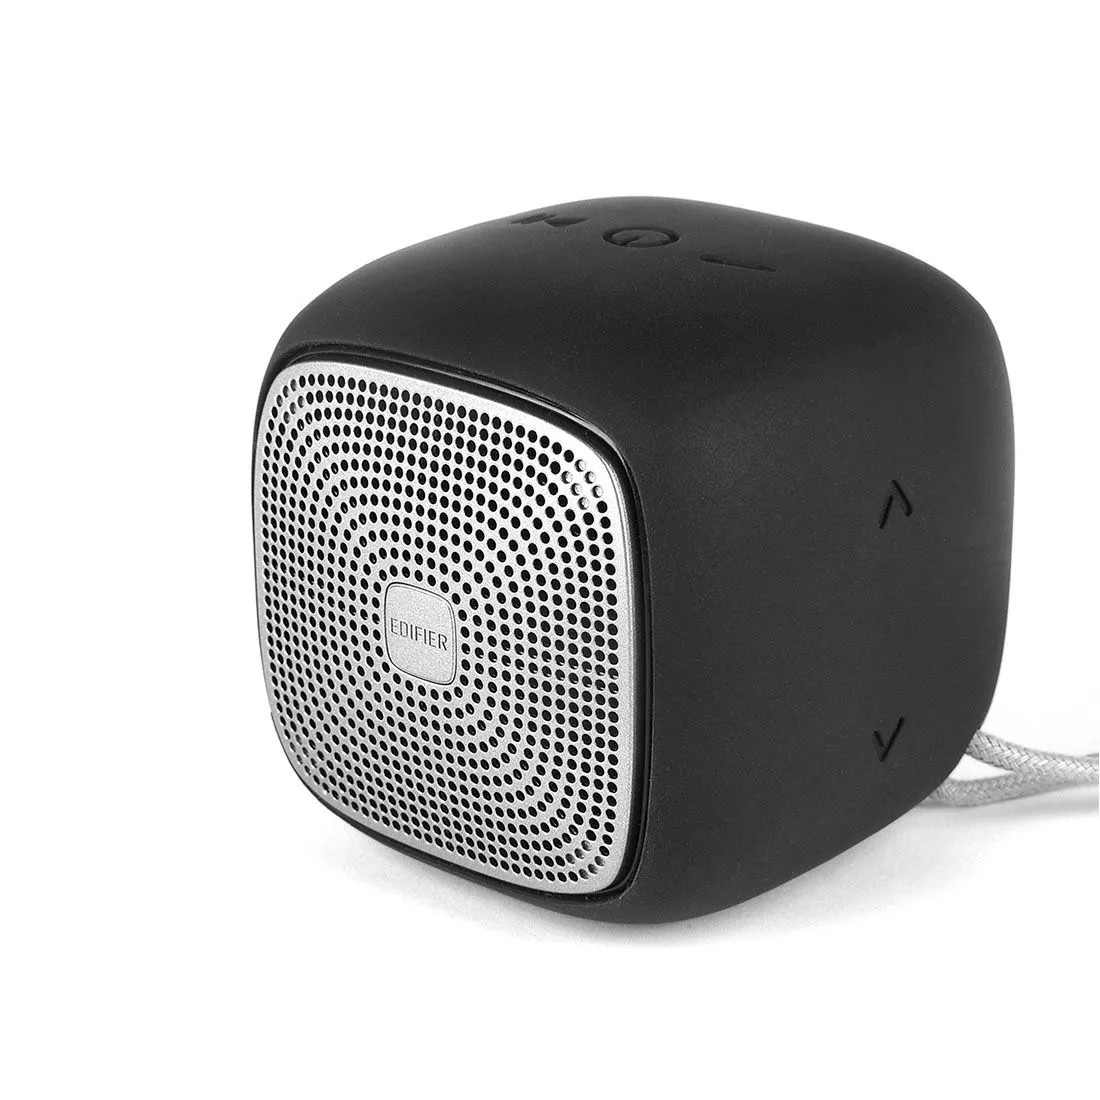 Caixa de Som Portátil Edifier MP200 5.5W Rms Bluetooth Preta